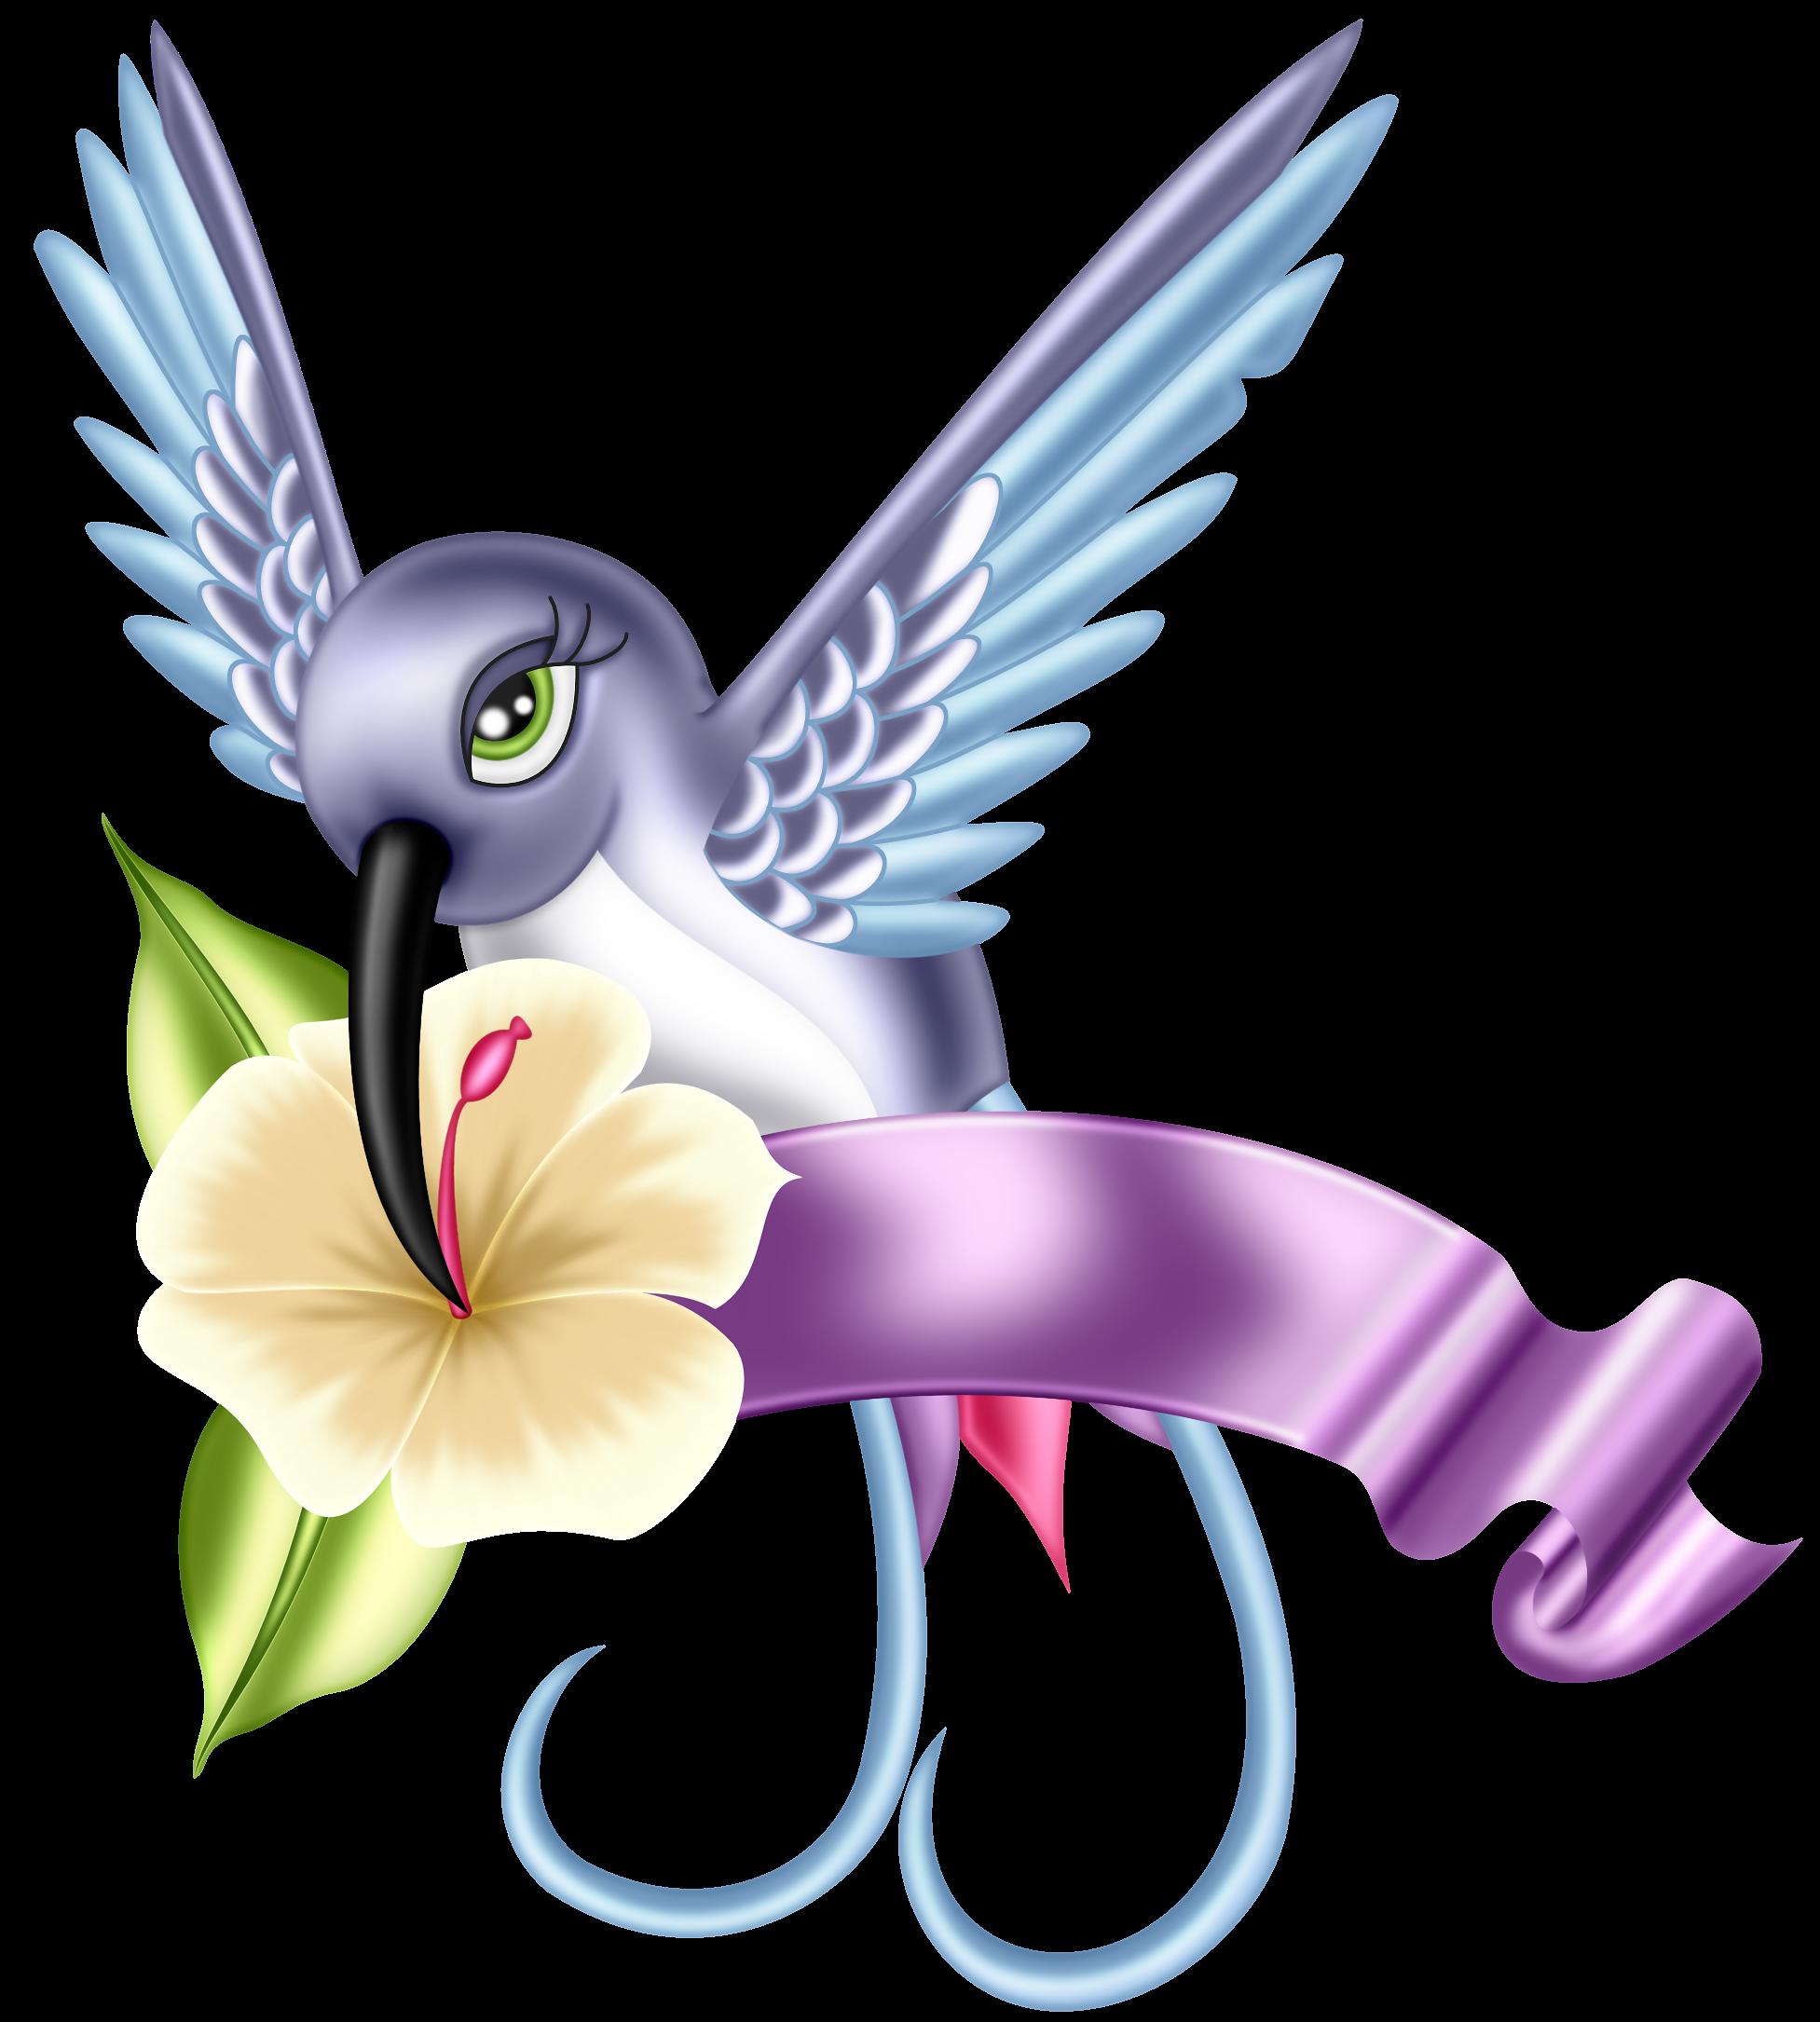 Hummingbird clipart beautiful bird. A ee dc o